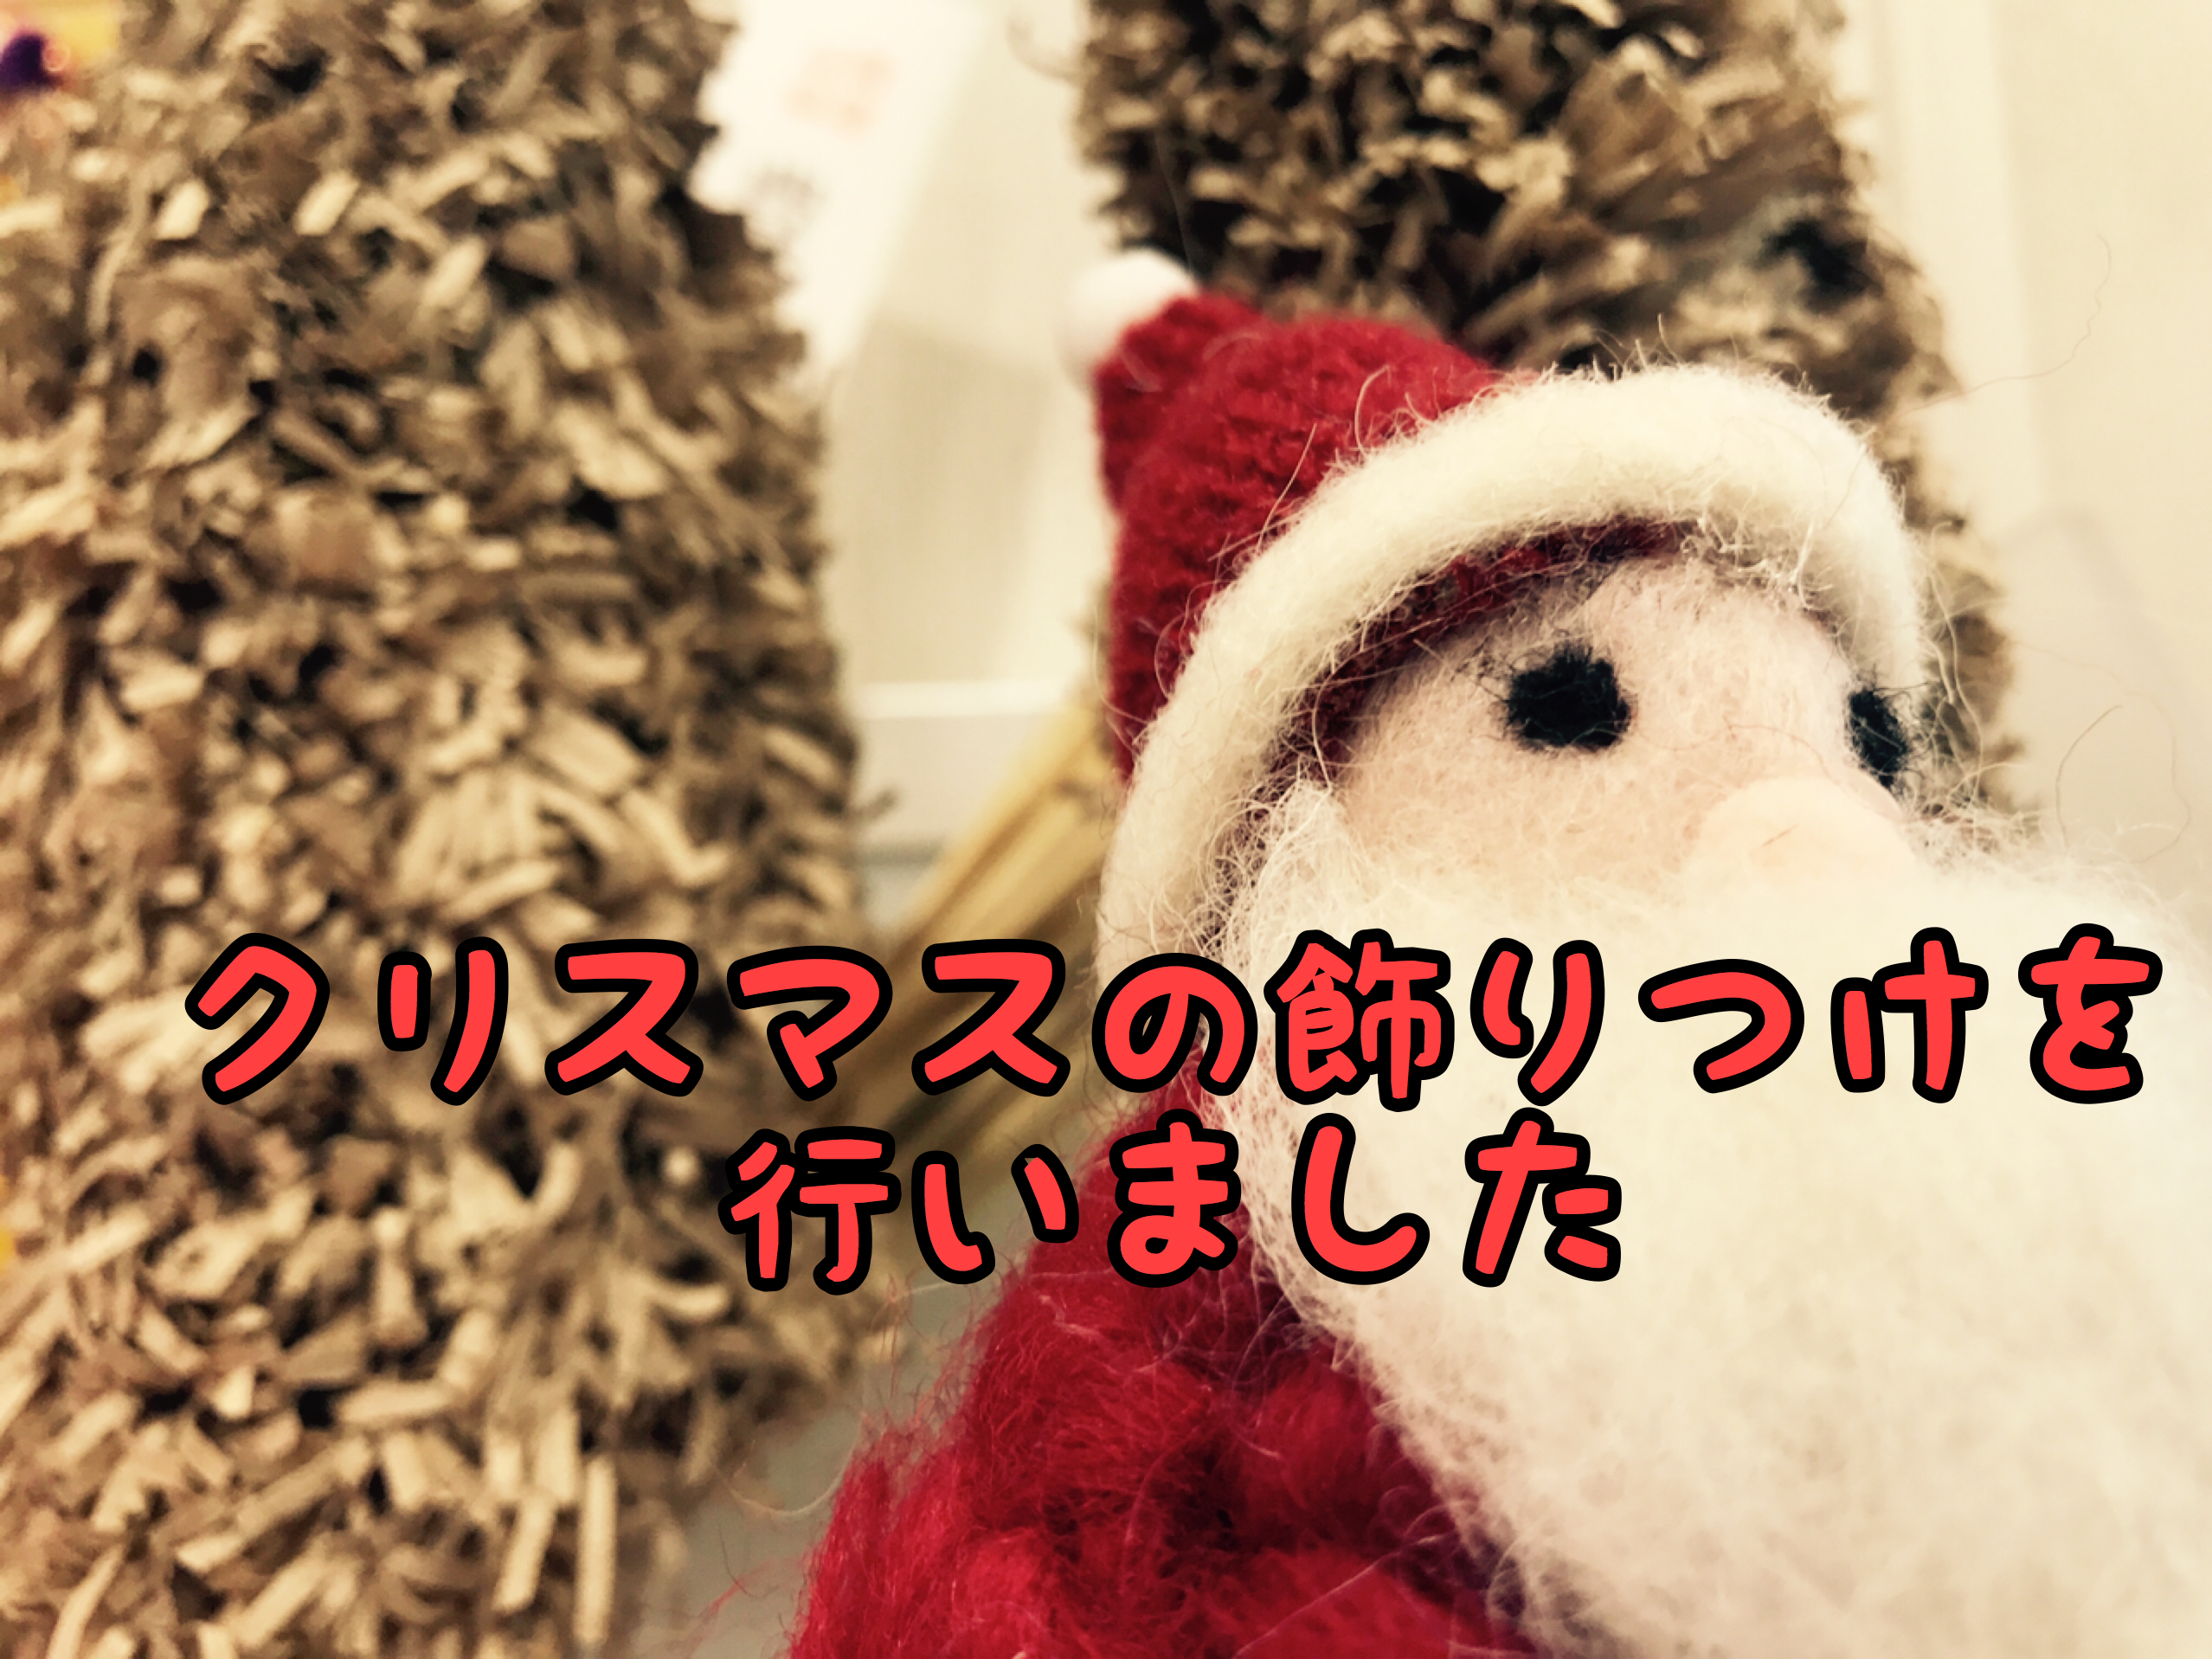 【クリスマス】今年も飾り付けをしてお客様のご来店をお待ちしております